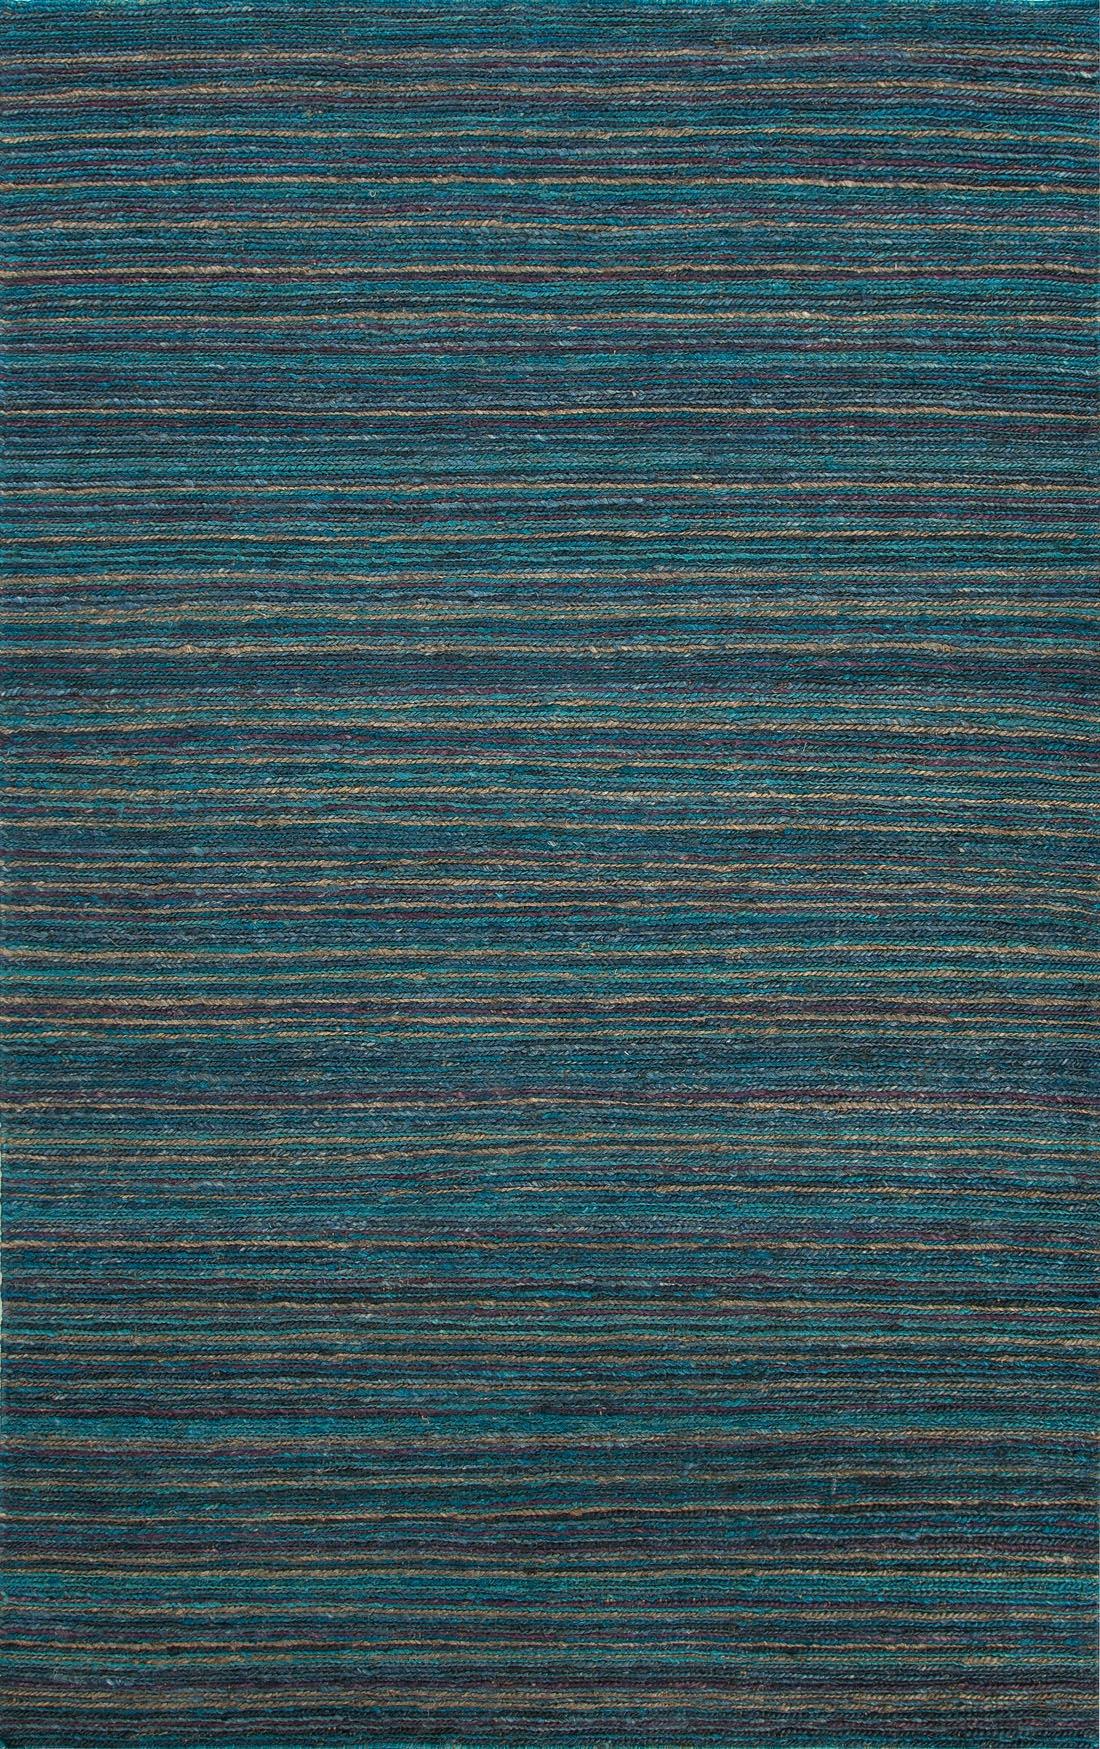 Jaipur Rugs Floor Coverings Naturals Stripe Pattern Hemp Blue Purple Area Rug